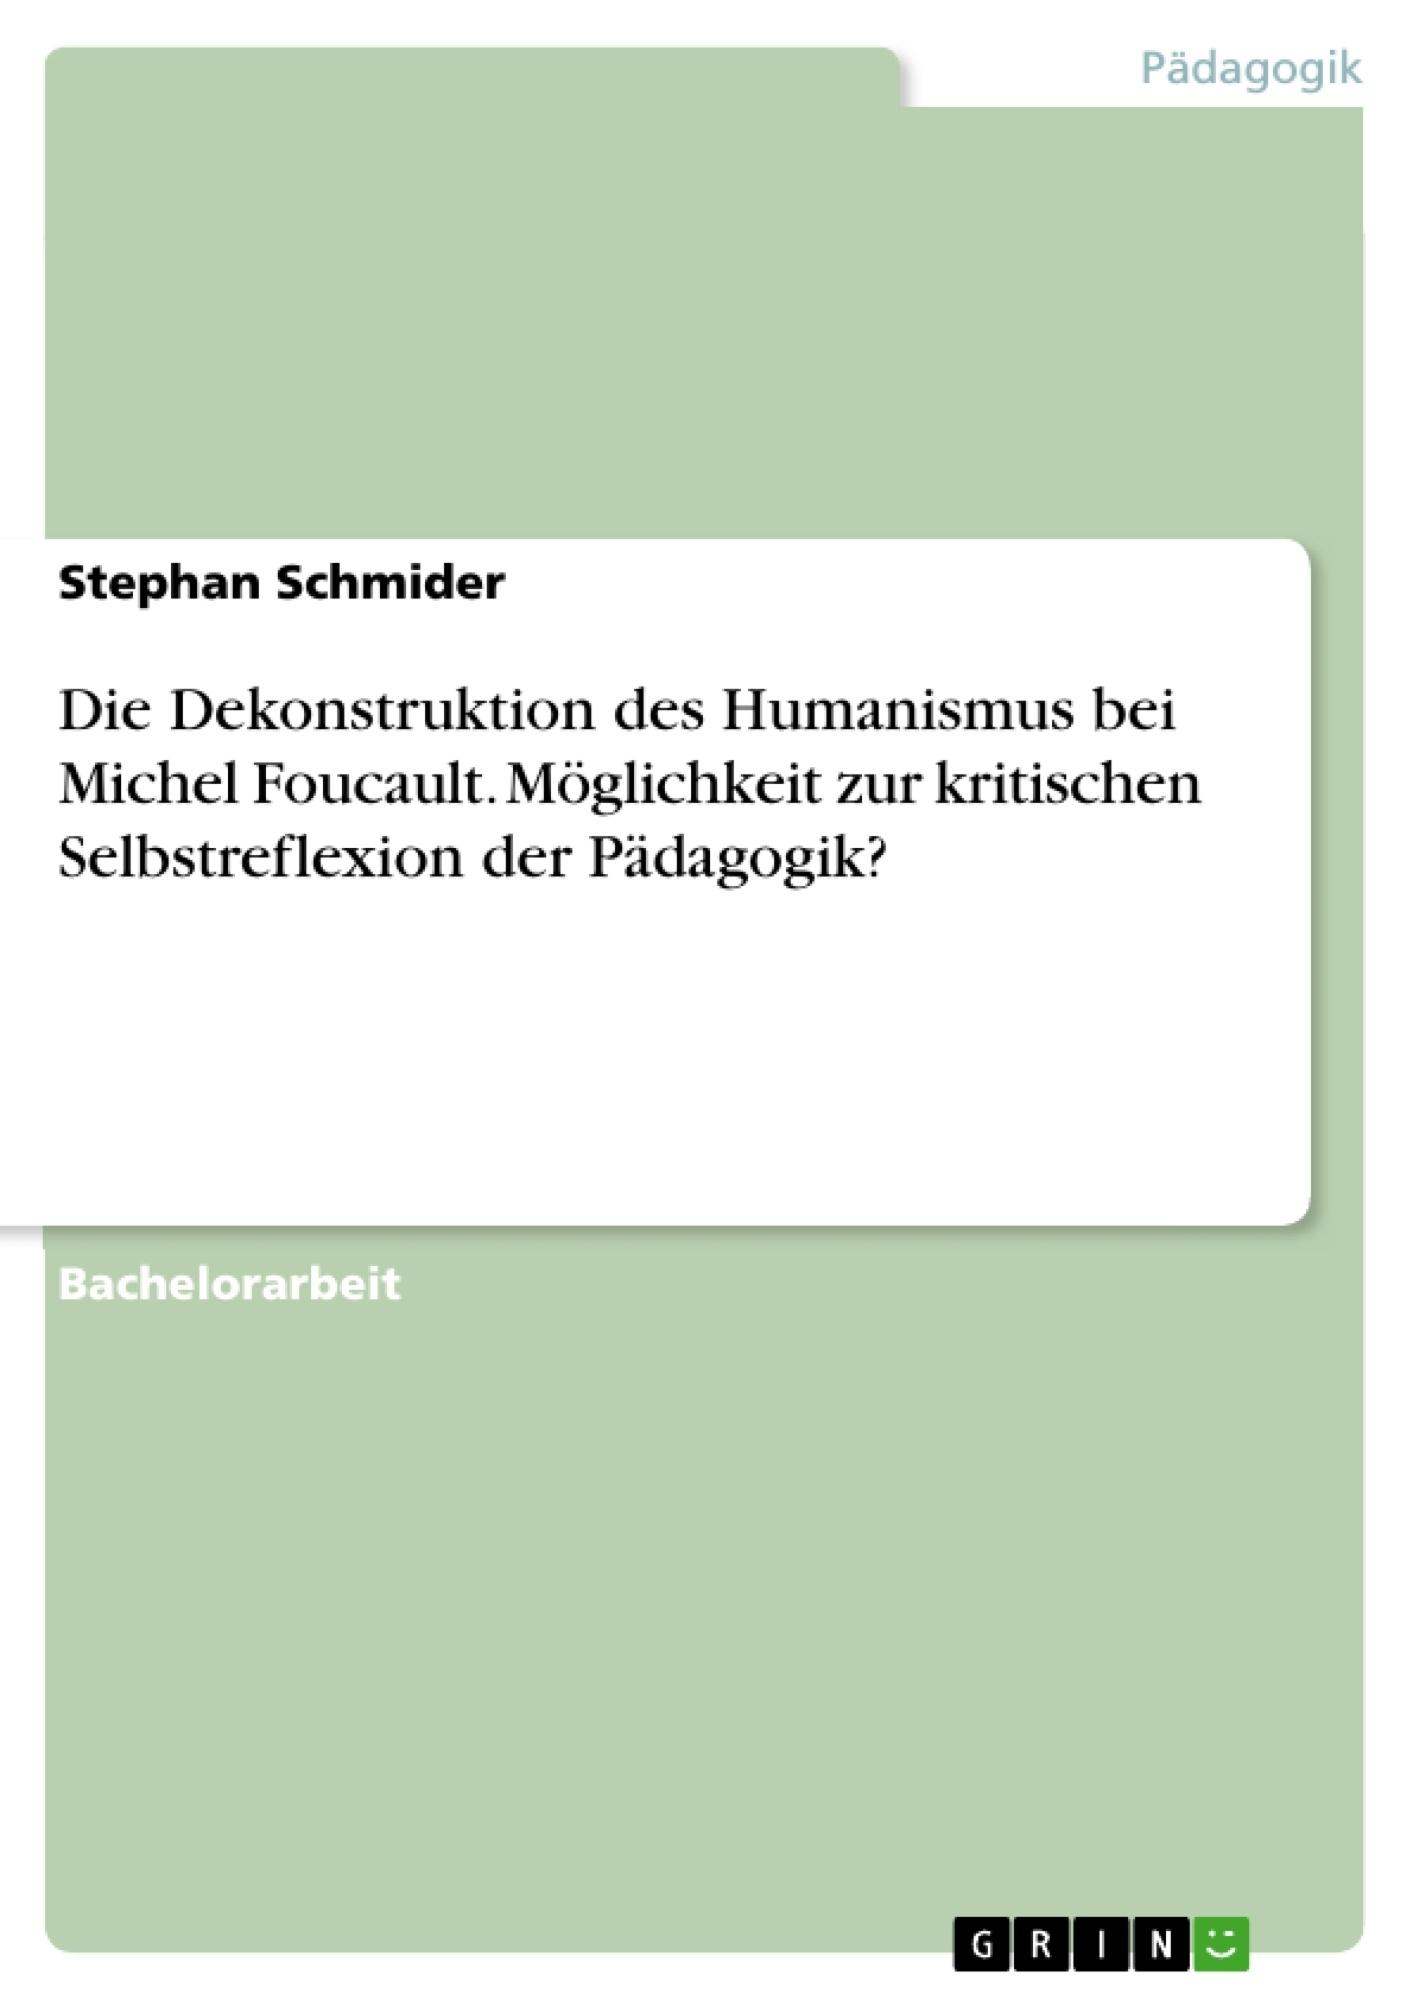 Titel: Die Dekonstruktion des Humanismus bei Michel Foucault. Möglichkeit zur kritischen Selbstreflexion der Pädagogik?